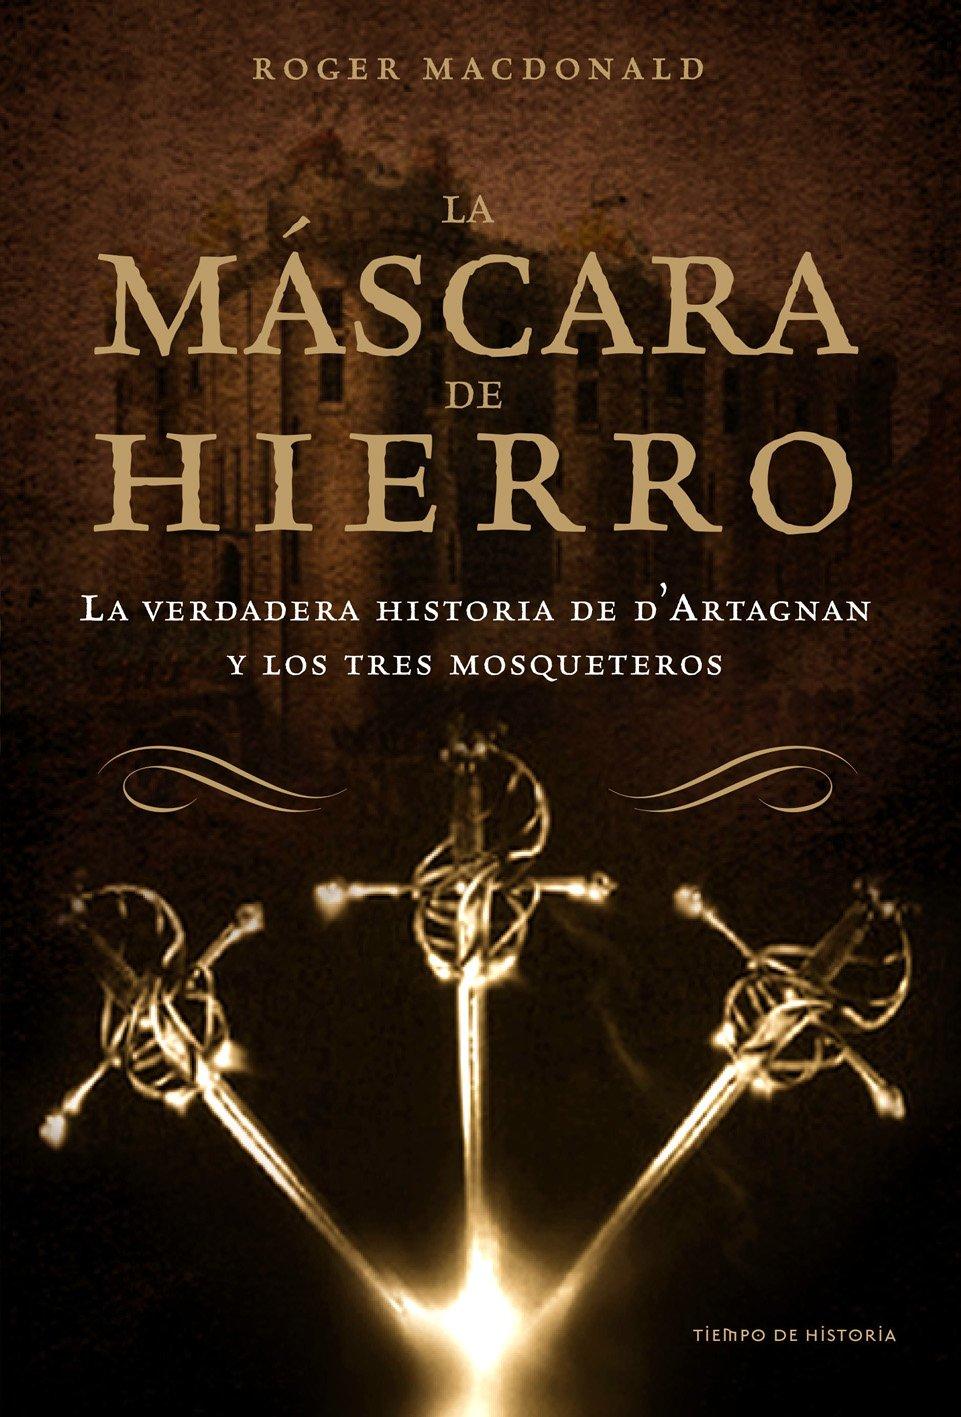 LA MASCARA DE HIERRO (LOS 3 MOSQUETEROS): ROGER MCDONALD: 9788484327790: Amazon.com: Books